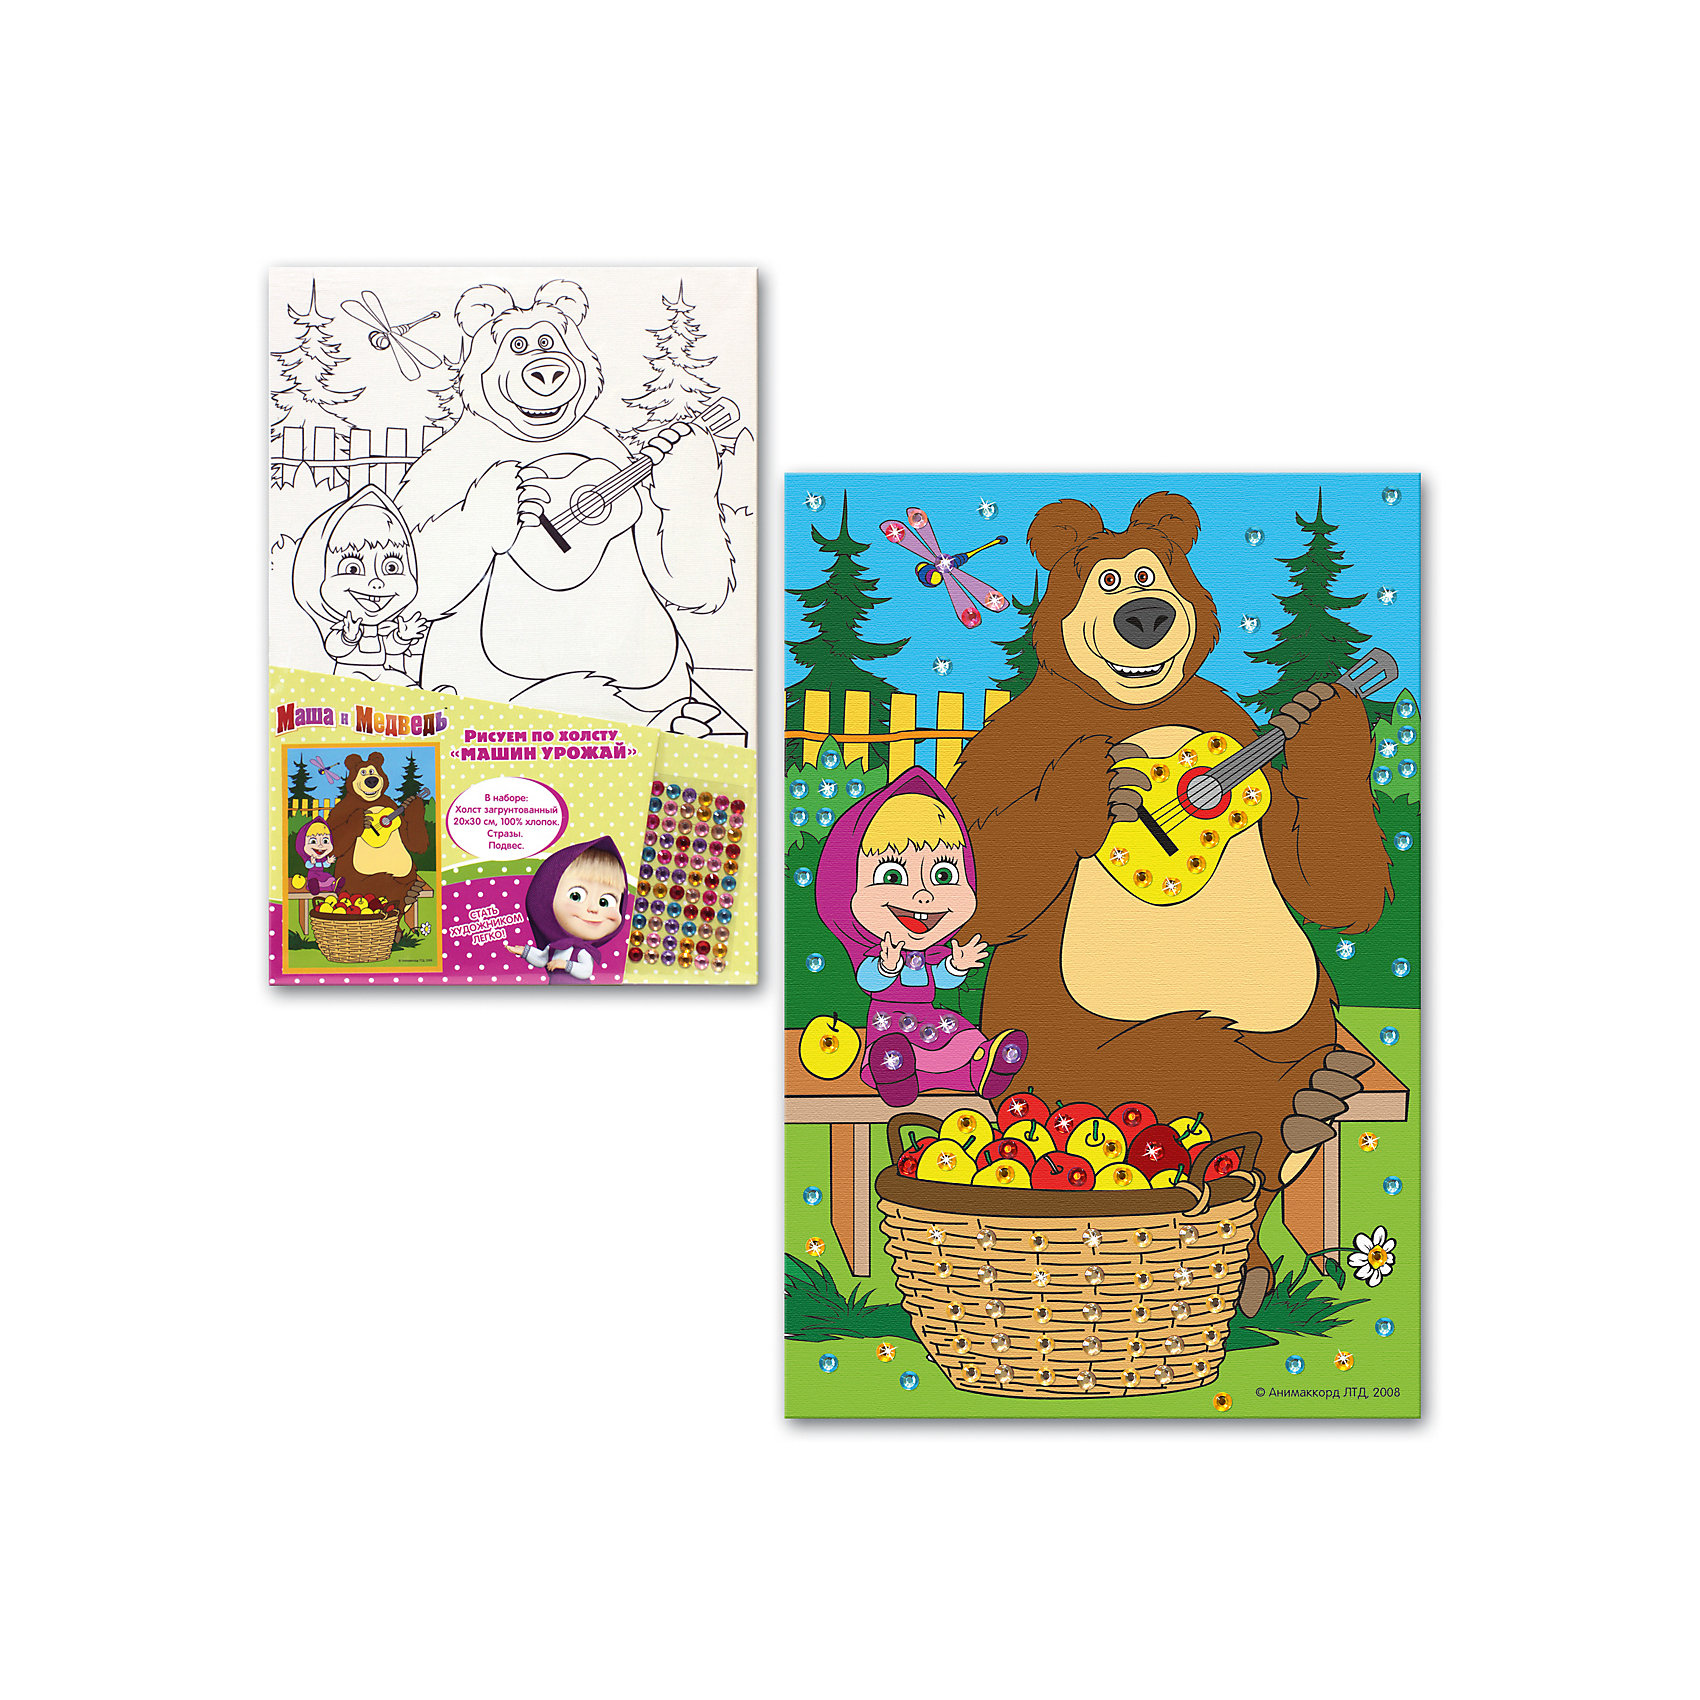 Рисование по холсту Машин урожай, Маша и МедведьМаша и Медведь<br>Характеристики товара:<br><br>• количество цветов: 5 шт.<br>• комплект: холст на картонной основе с контурным рисунком, стразы с клеевым слоем, подвес, скотч<br>• размер картинки: 20х30 см<br>• упаковка: пленка<br>• акриловые краски легко ложатся на холст, быстро сохнут, хорошо растворяются в воде, после высыхания становятся водонепроницаемыми<br>• состав: 100% хлопок, картон, пластик<br>• страна бренда: Россия<br>• страна изготовитель: Китай<br><br>В набор для творчества входит все, чтобы создать настоящее произведение искусства своими руками: холст с нанесенными контурами рисунка, краски, палитра, кисточка. Можно раскрасить рисунок по образцу. Смешивая краски, юный художник получит новые цвета и оттенки. Ткань обработана специальным составом, который обеспечивает нанесение красок равномерным слоем.<br><br>Рисование по холсту Машин урожай, Маша и Медведь, вы можете приобрести в нашем интернет-магазине.<br><br>Ширина мм: 300<br>Глубина мм: 200<br>Высота мм: 50<br>Вес г: 130<br>Возраст от месяцев: 36<br>Возраст до месяцев: 2147483647<br>Пол: Унисекс<br>Возраст: Детский<br>SKU: 5453437